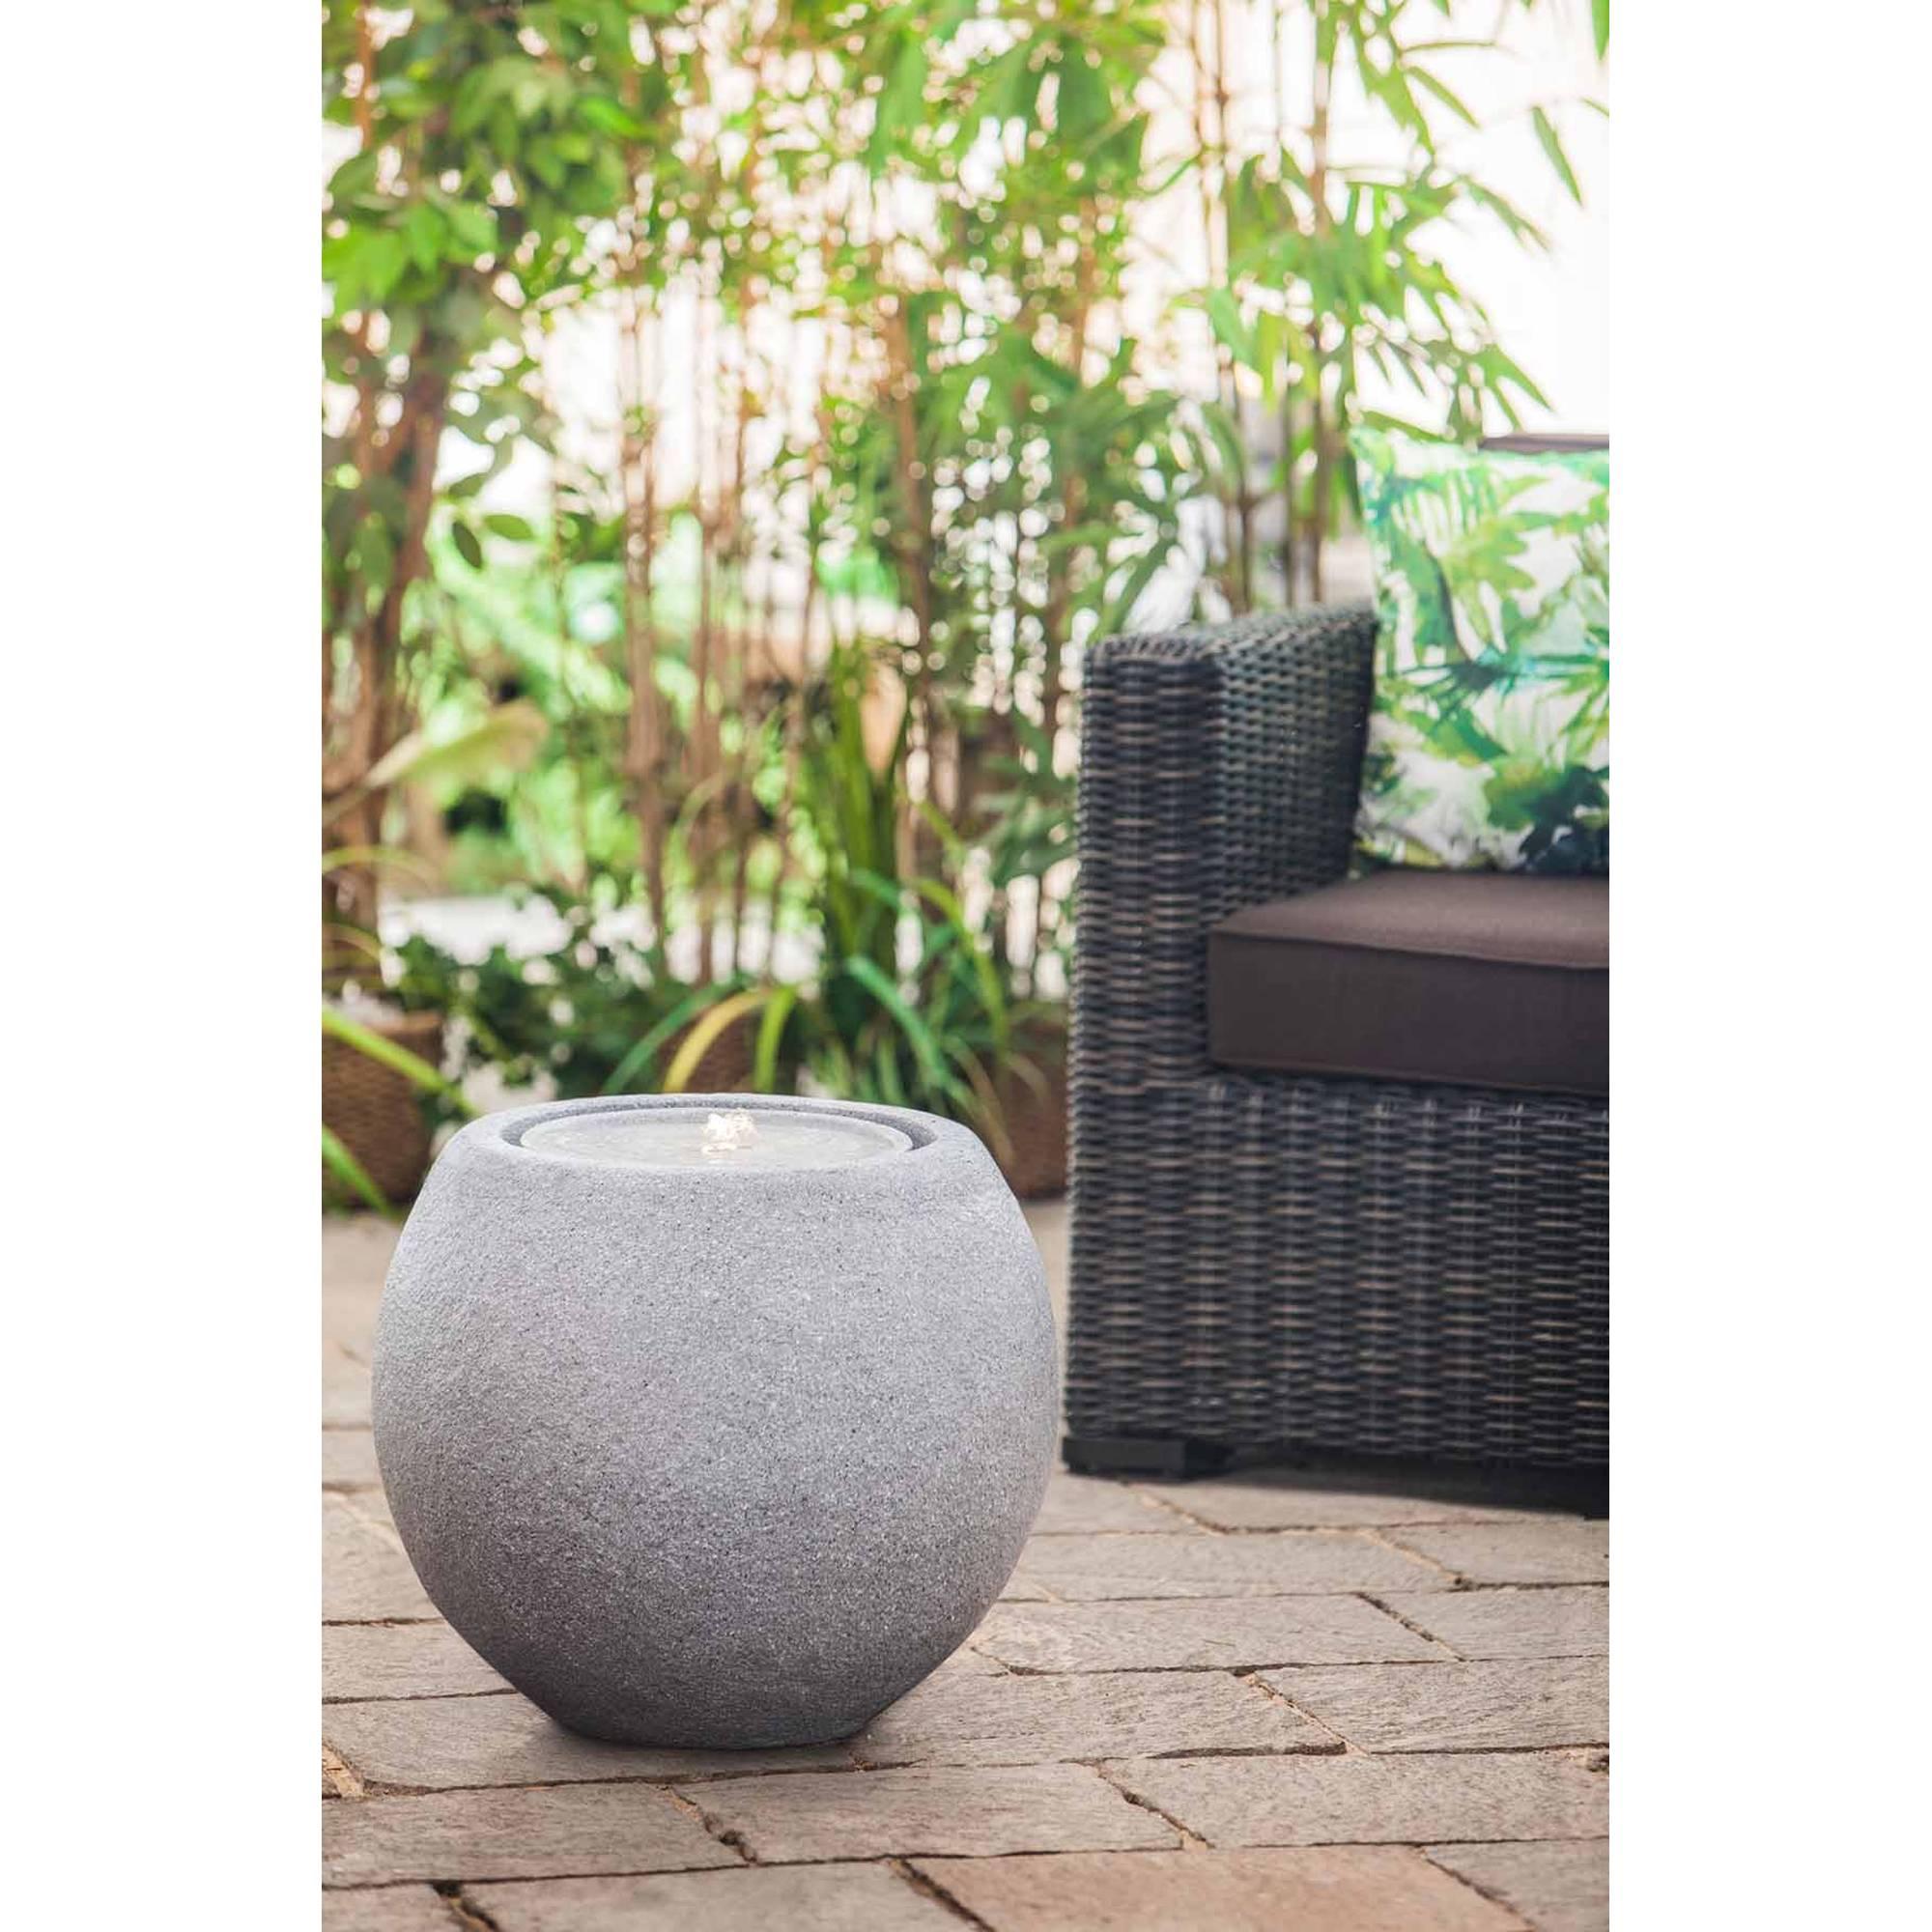 grauer runder Gartenbrunnen auf Steinterrasse vor Gartenstuhl